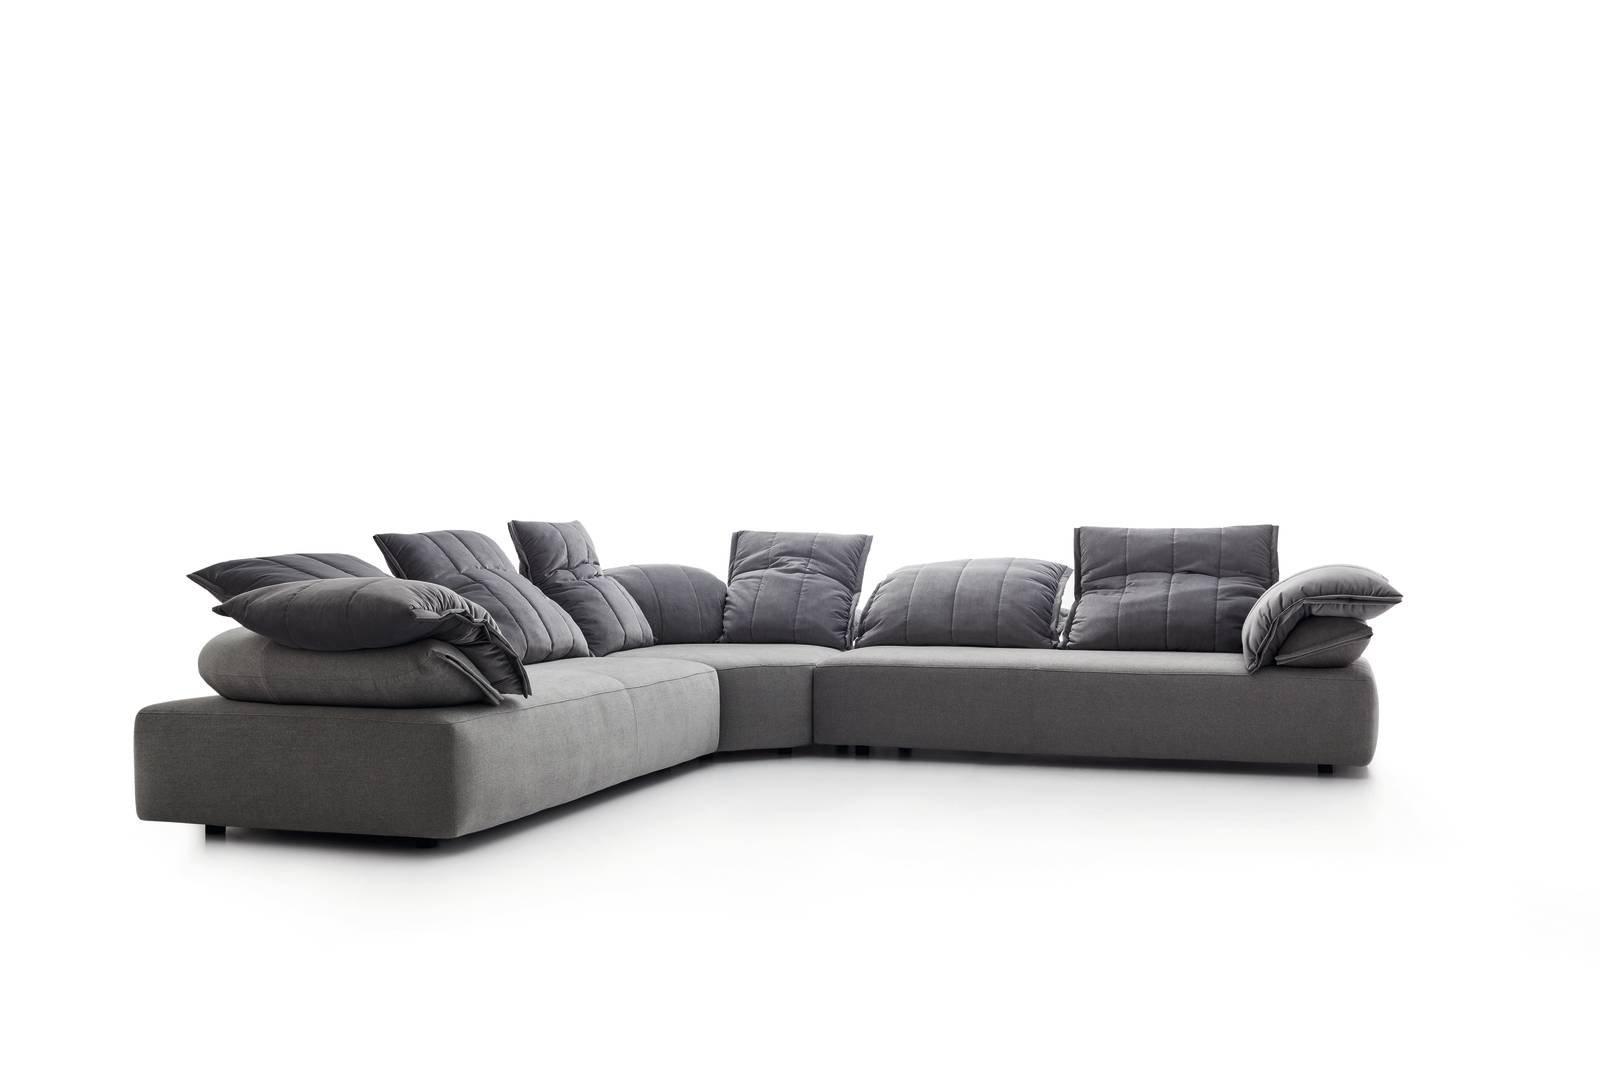 Salone del mobile 2017 divani e divanetti cose di casa - Divano ecopelle che si spella ...